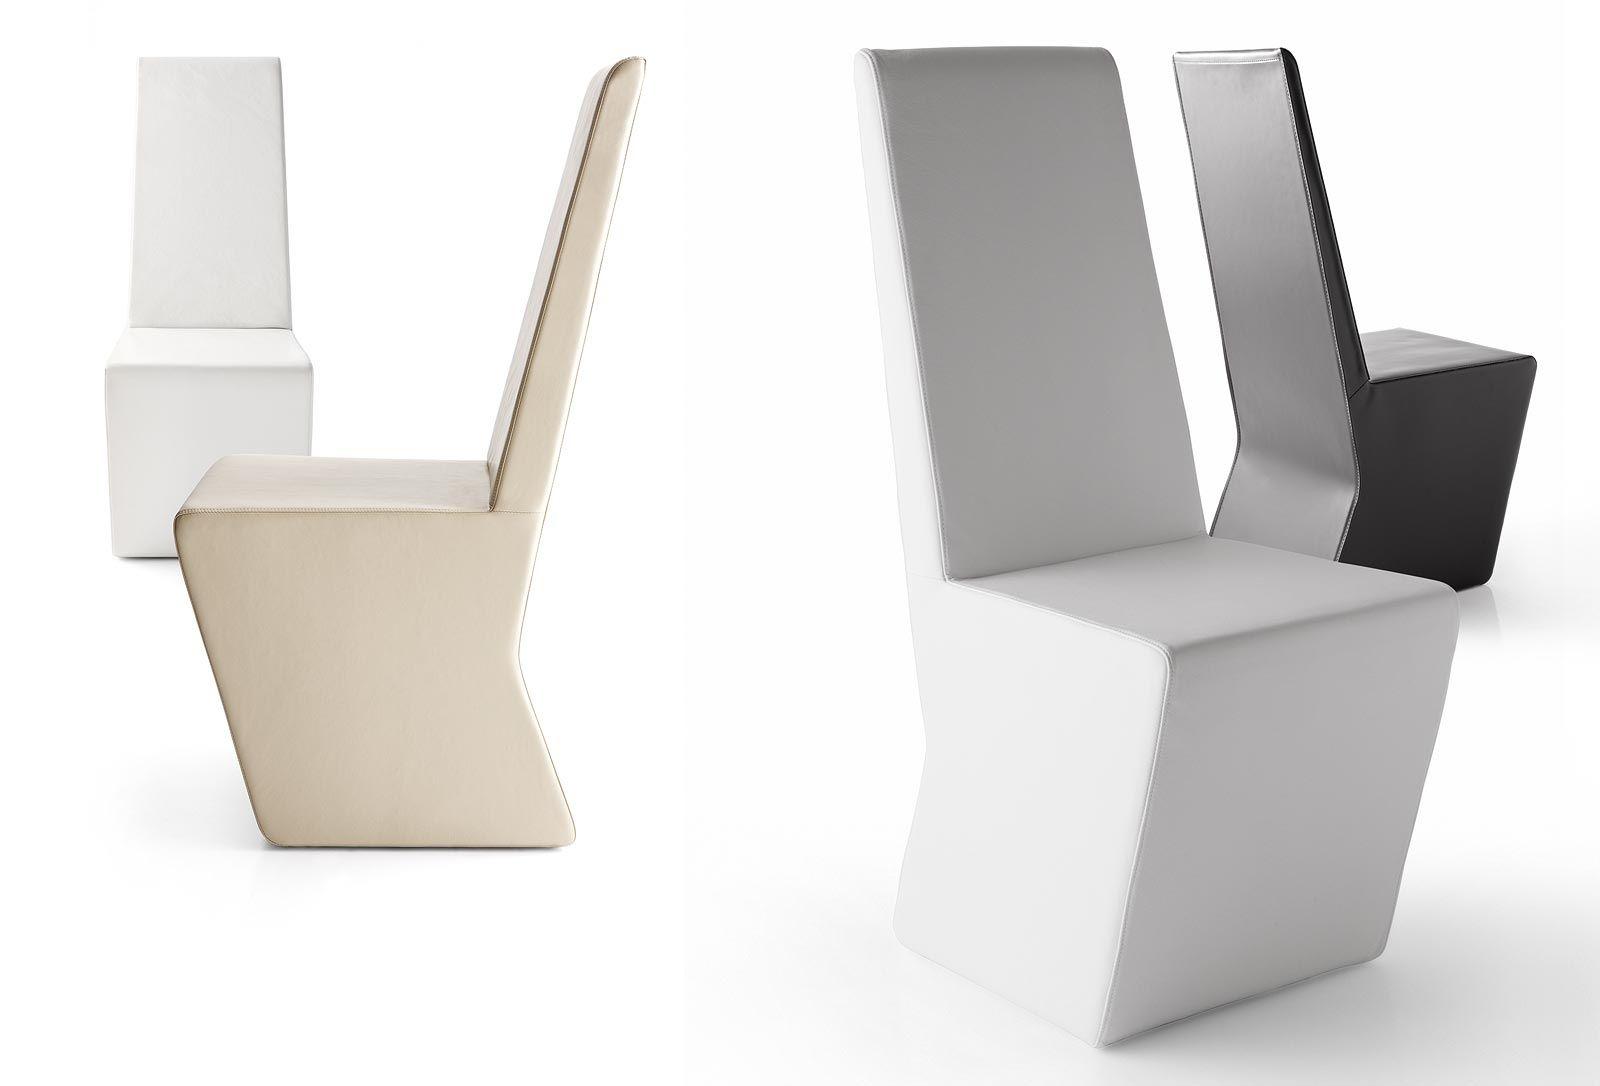 Sedie Schienale Alto Design : Sedia moderna a schienale alto in pelle per uso contract